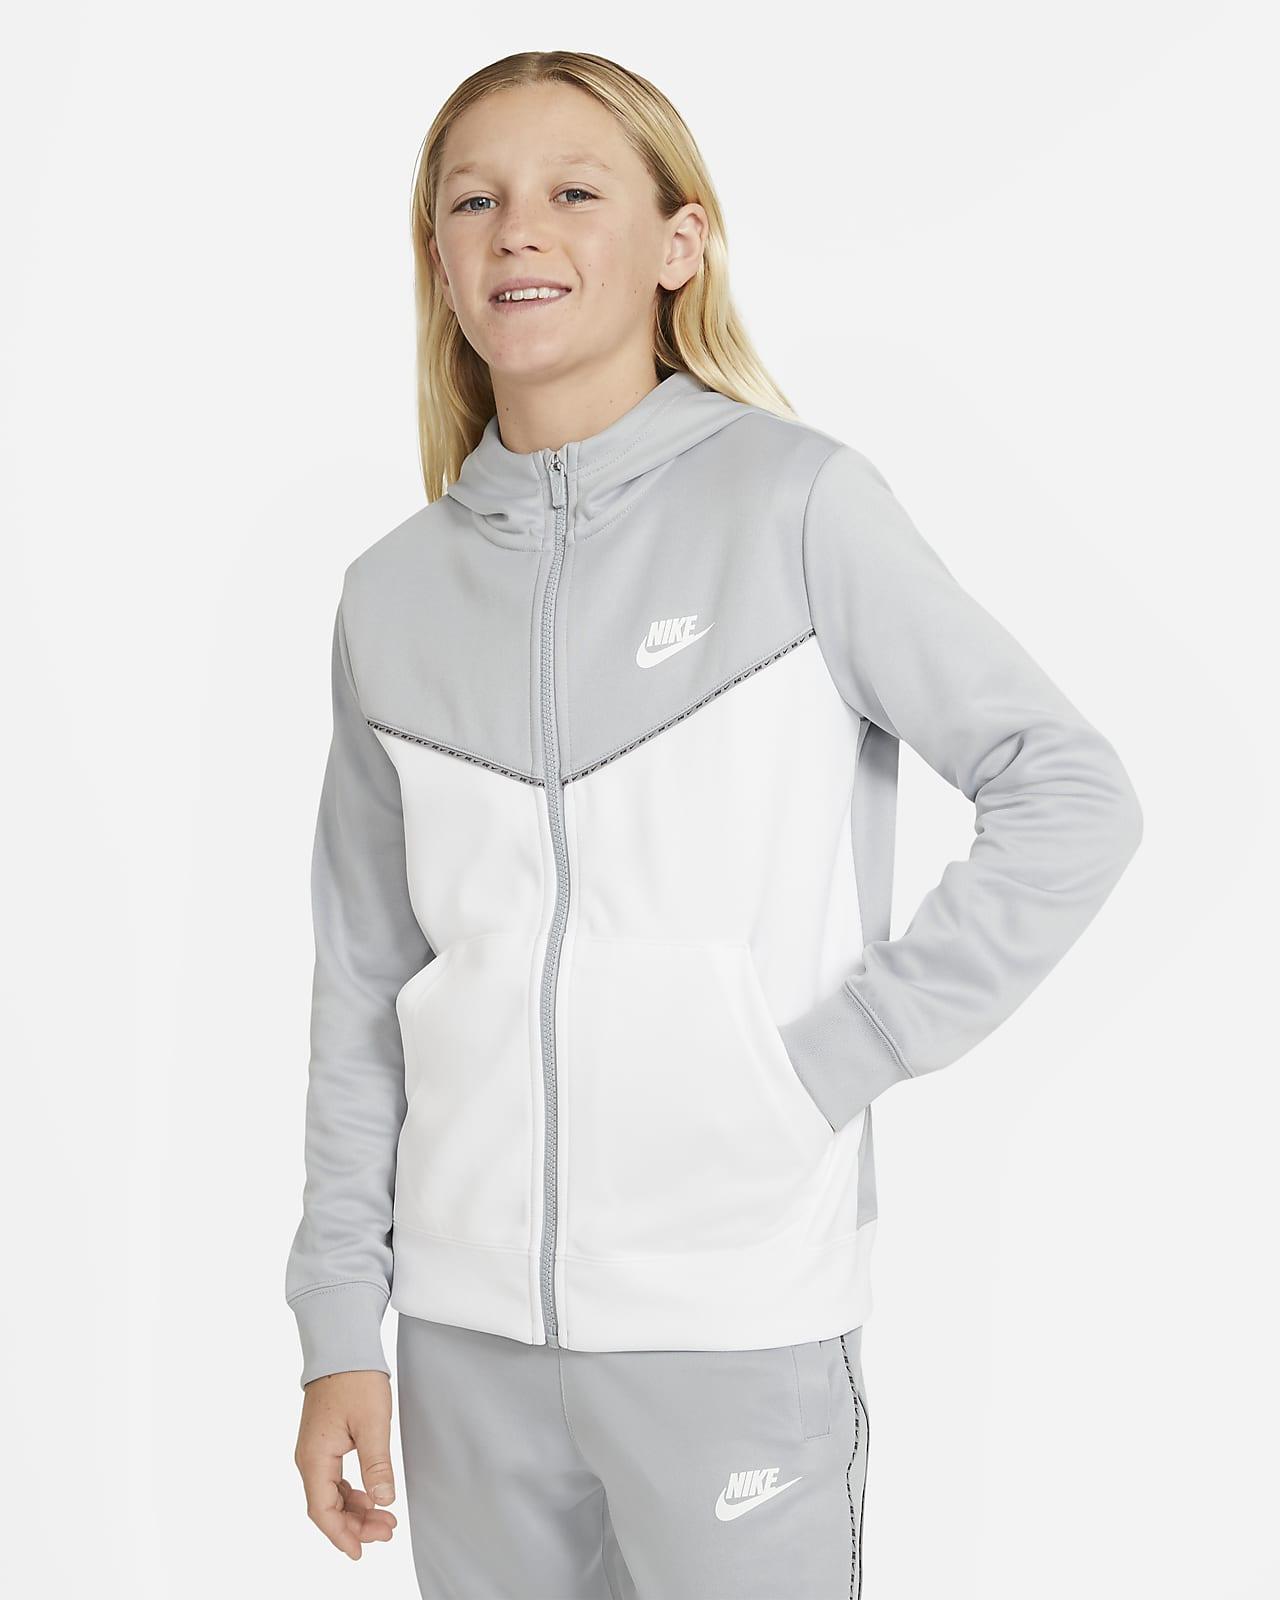 Худи с молнией во всю длину для мальчиков школьного возраста Nike Sportswear